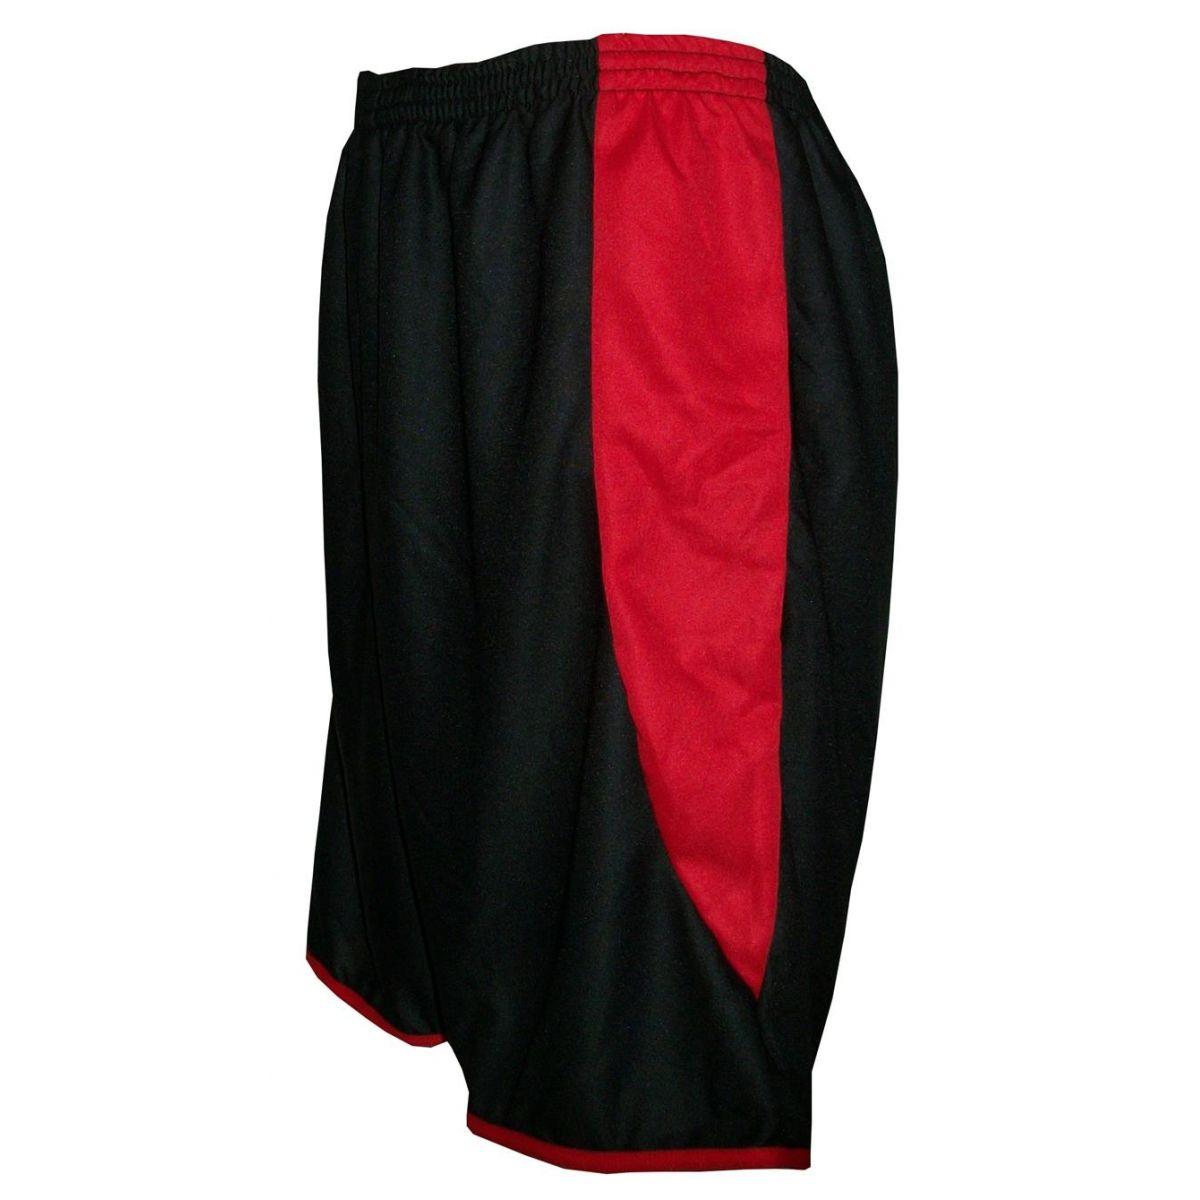 Fardamento Completo modelo Roma 18+2 (18 Camisas Vermelho/Preto + 18 Calções Copa Preto/Vermelho + 18 Pares de Meiões Pretos + 2 Conjuntos de Goleiro) + Brindes